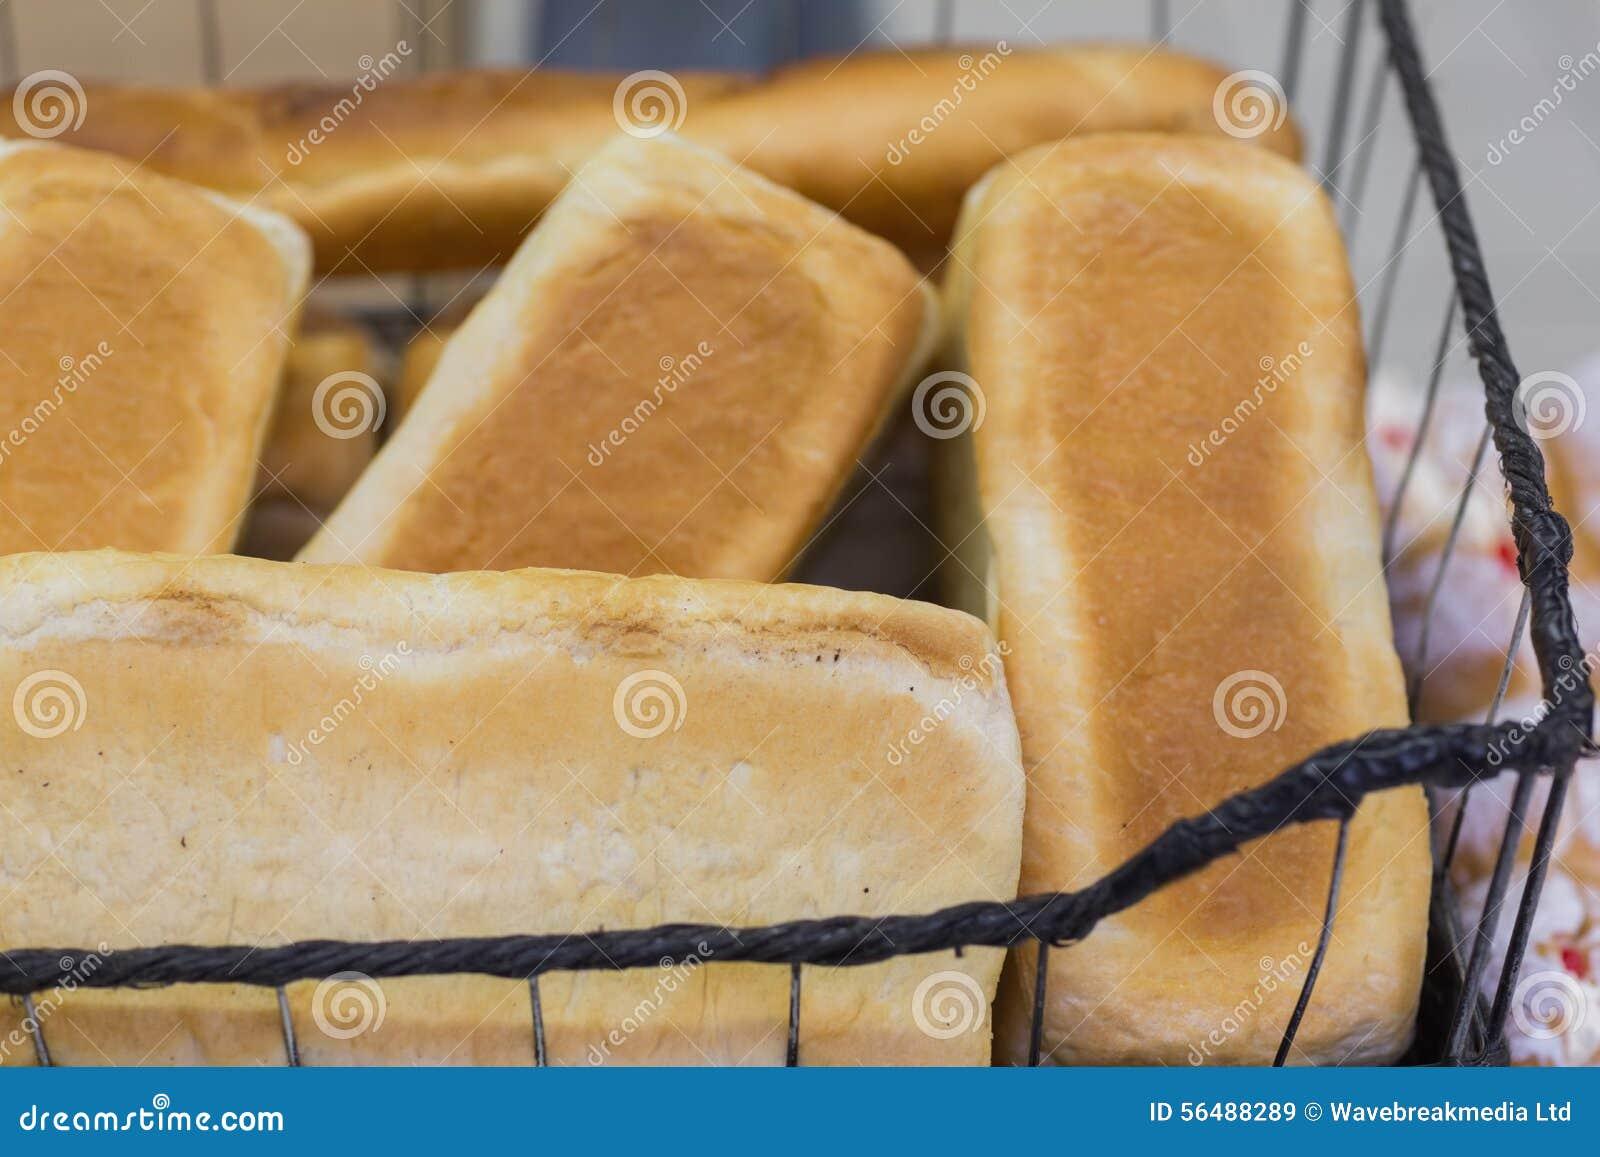 Beaucoup outre du pain dans un panier